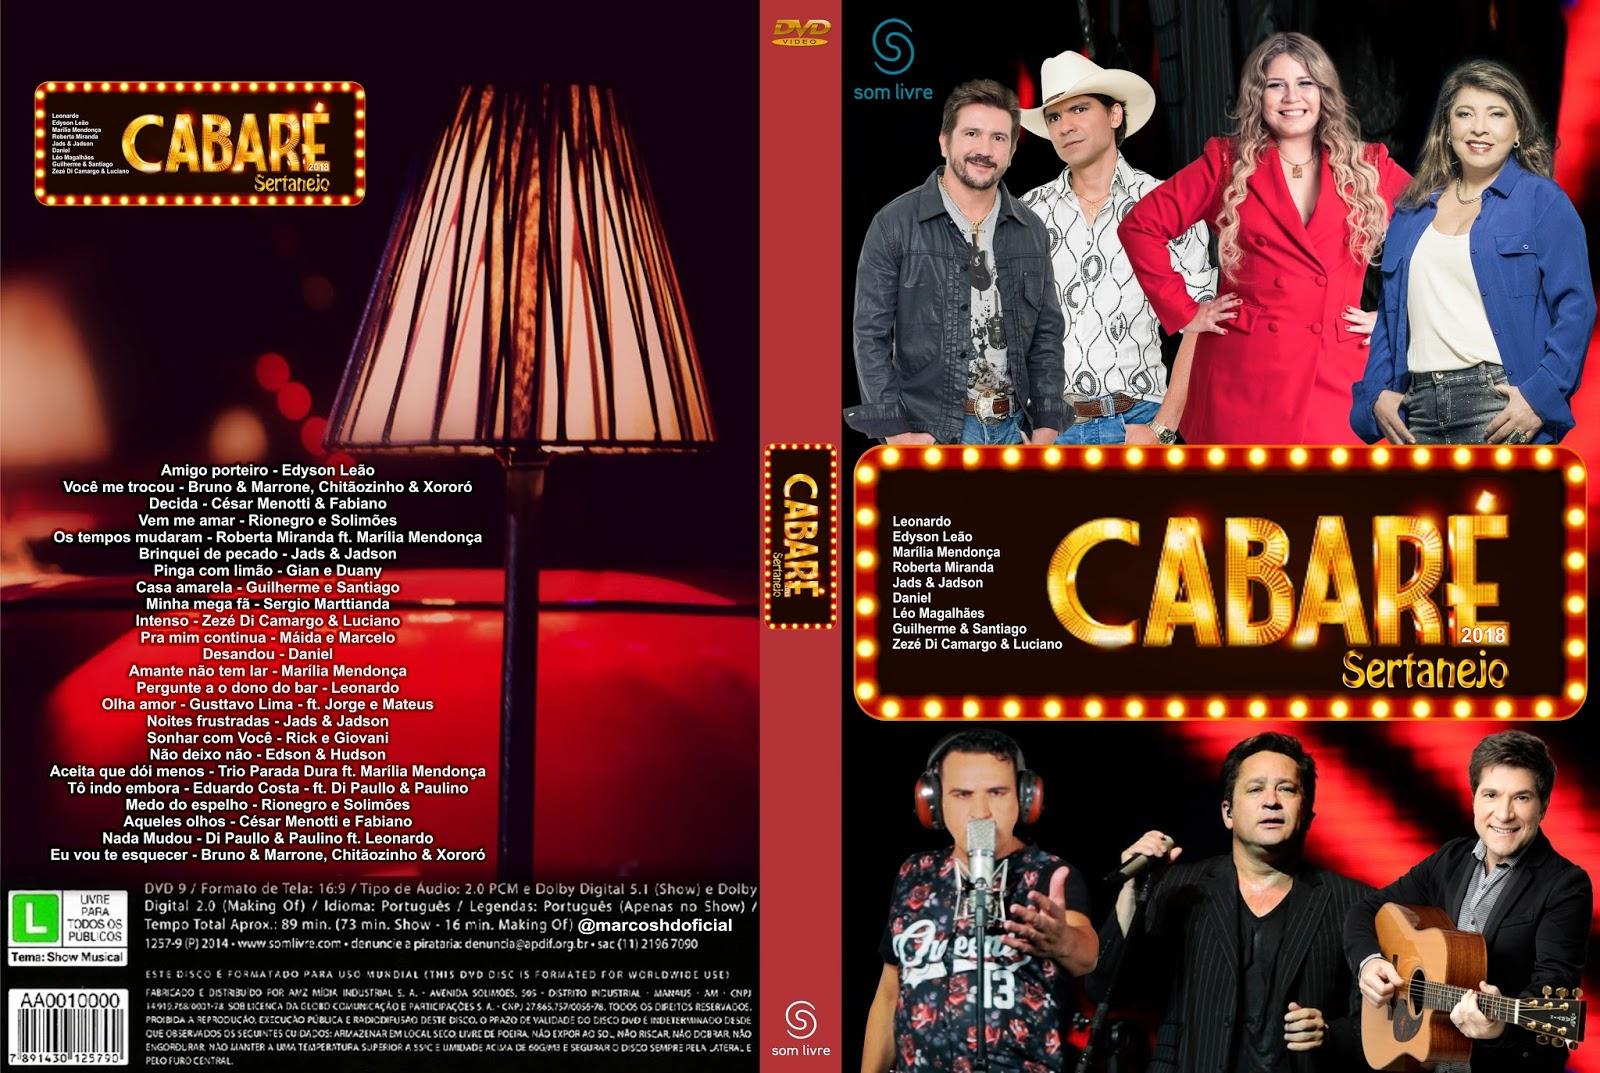 ZEZE 2012 DE CAMARGO BAIXAR GRATIS DVD DI LUCIANO E